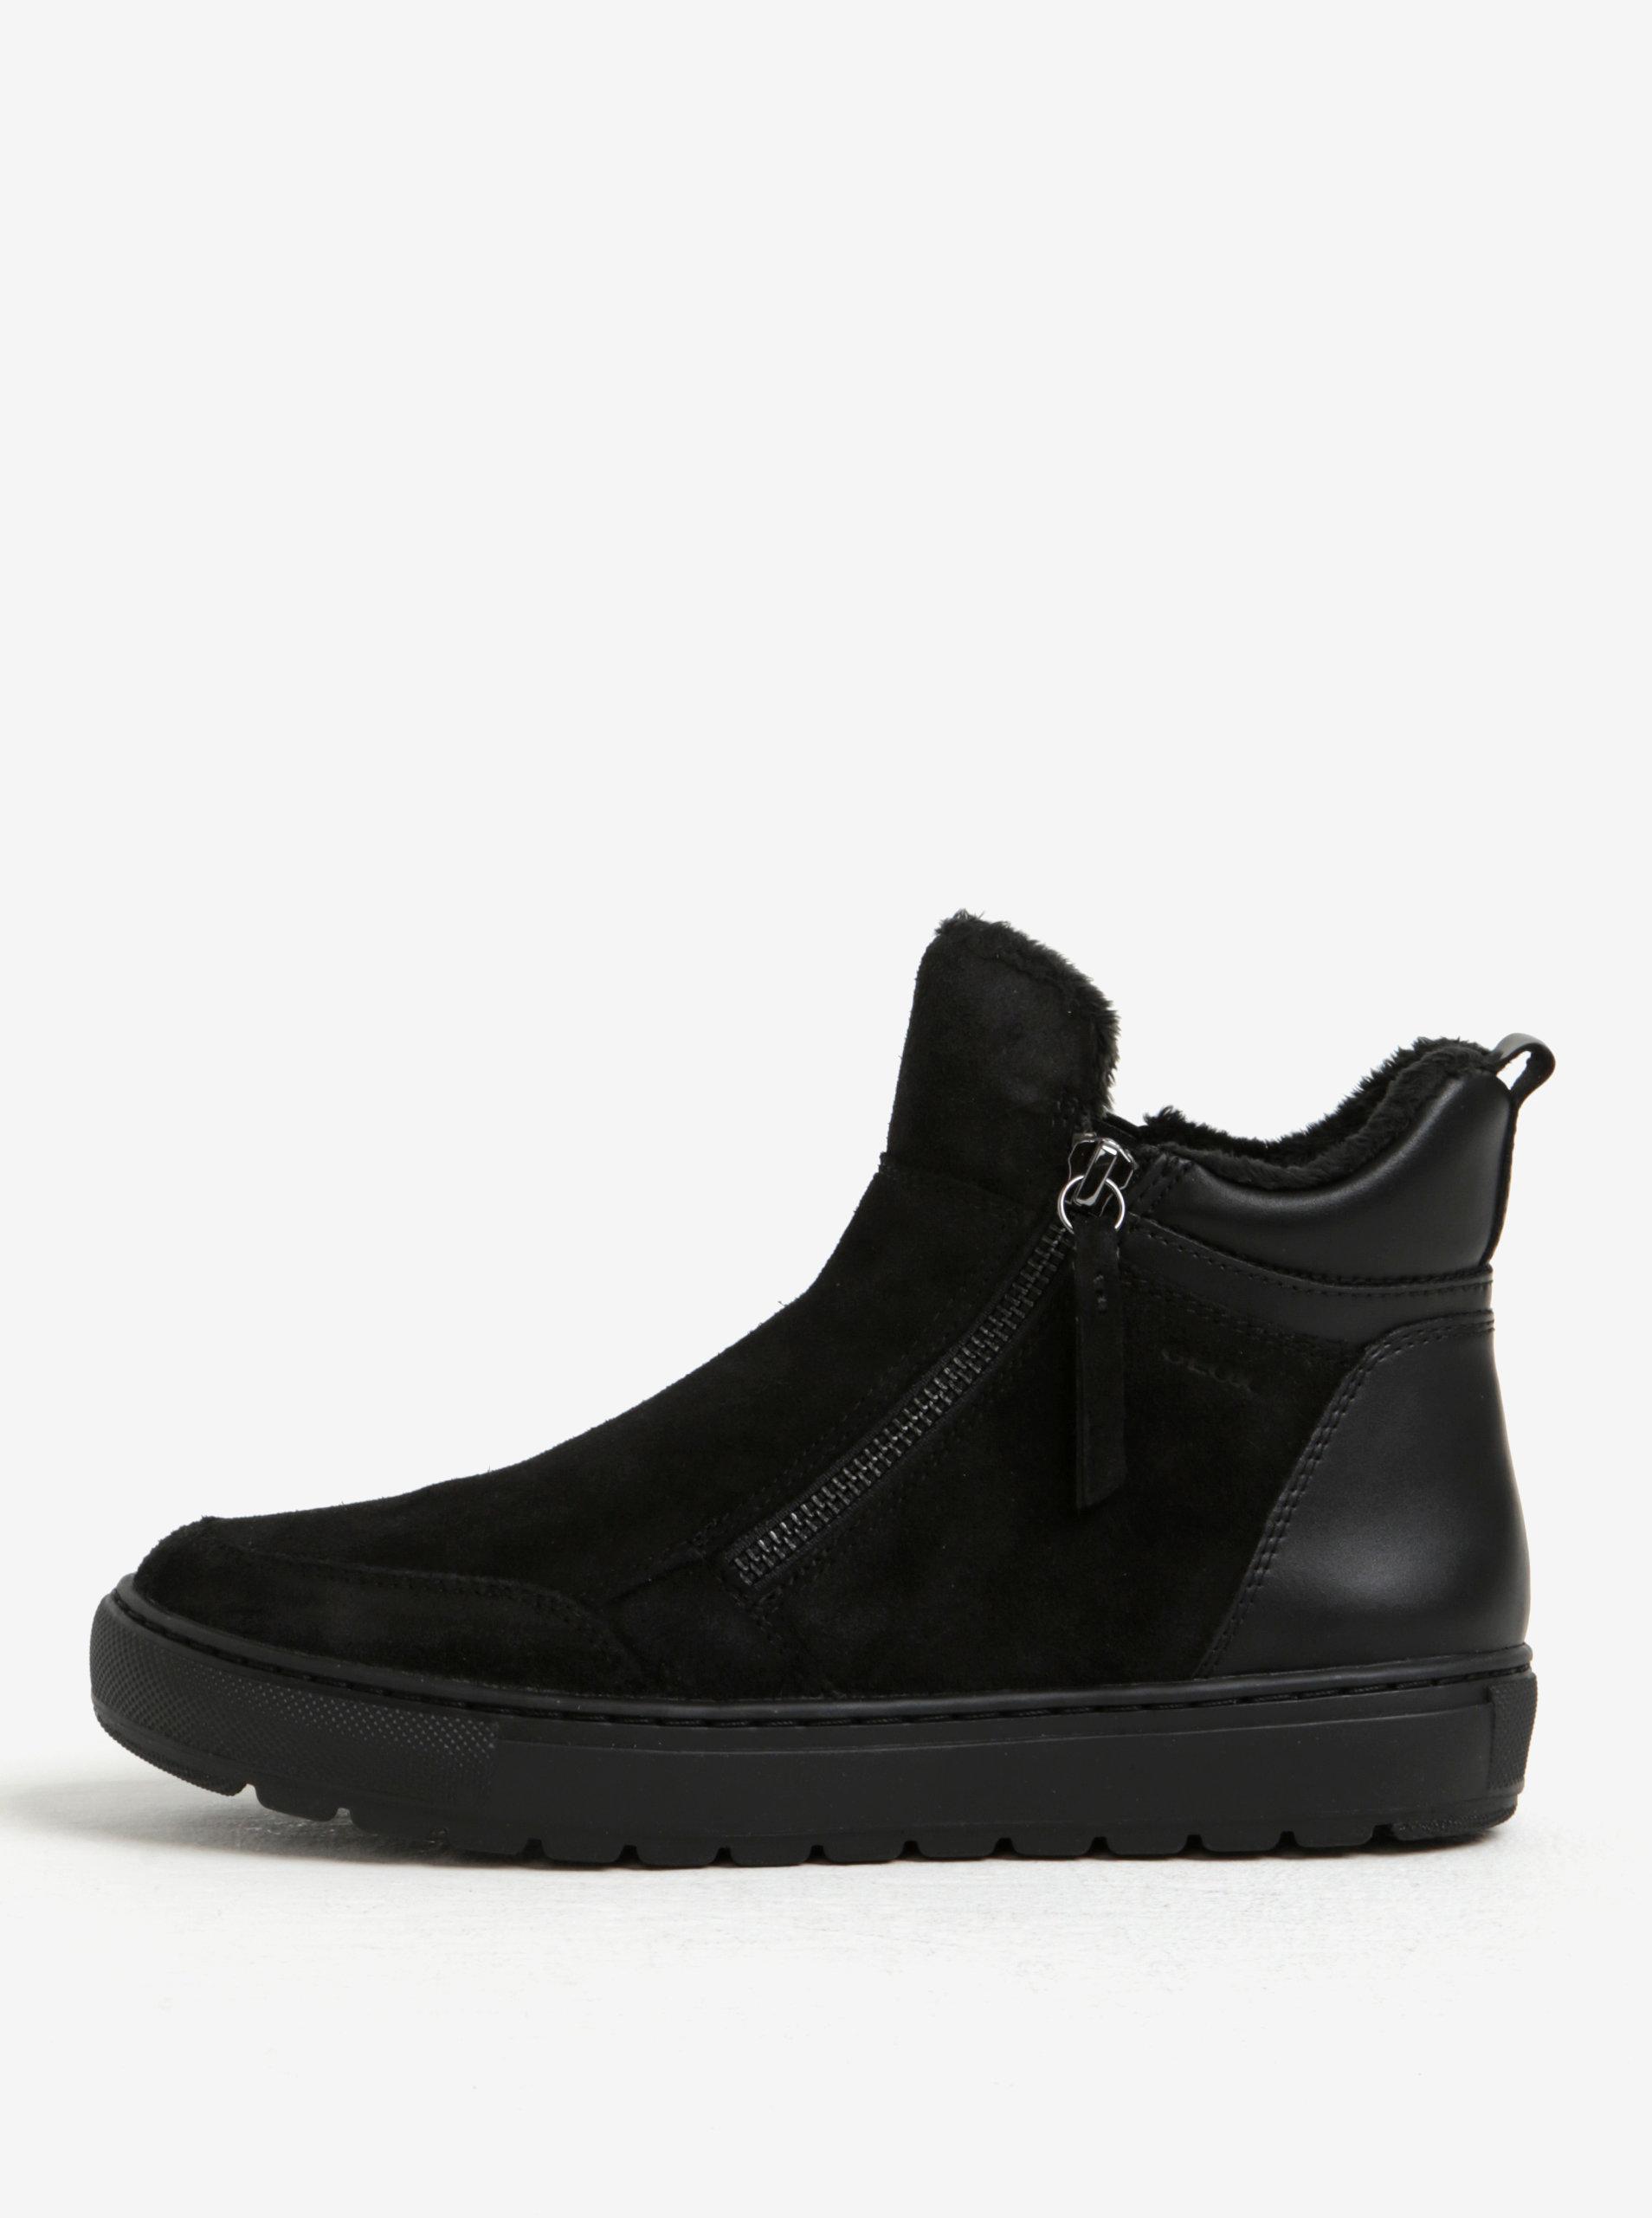 Černé dámské zimní semišové kotníkové boty Geox Breeda ... 8c337d2d15